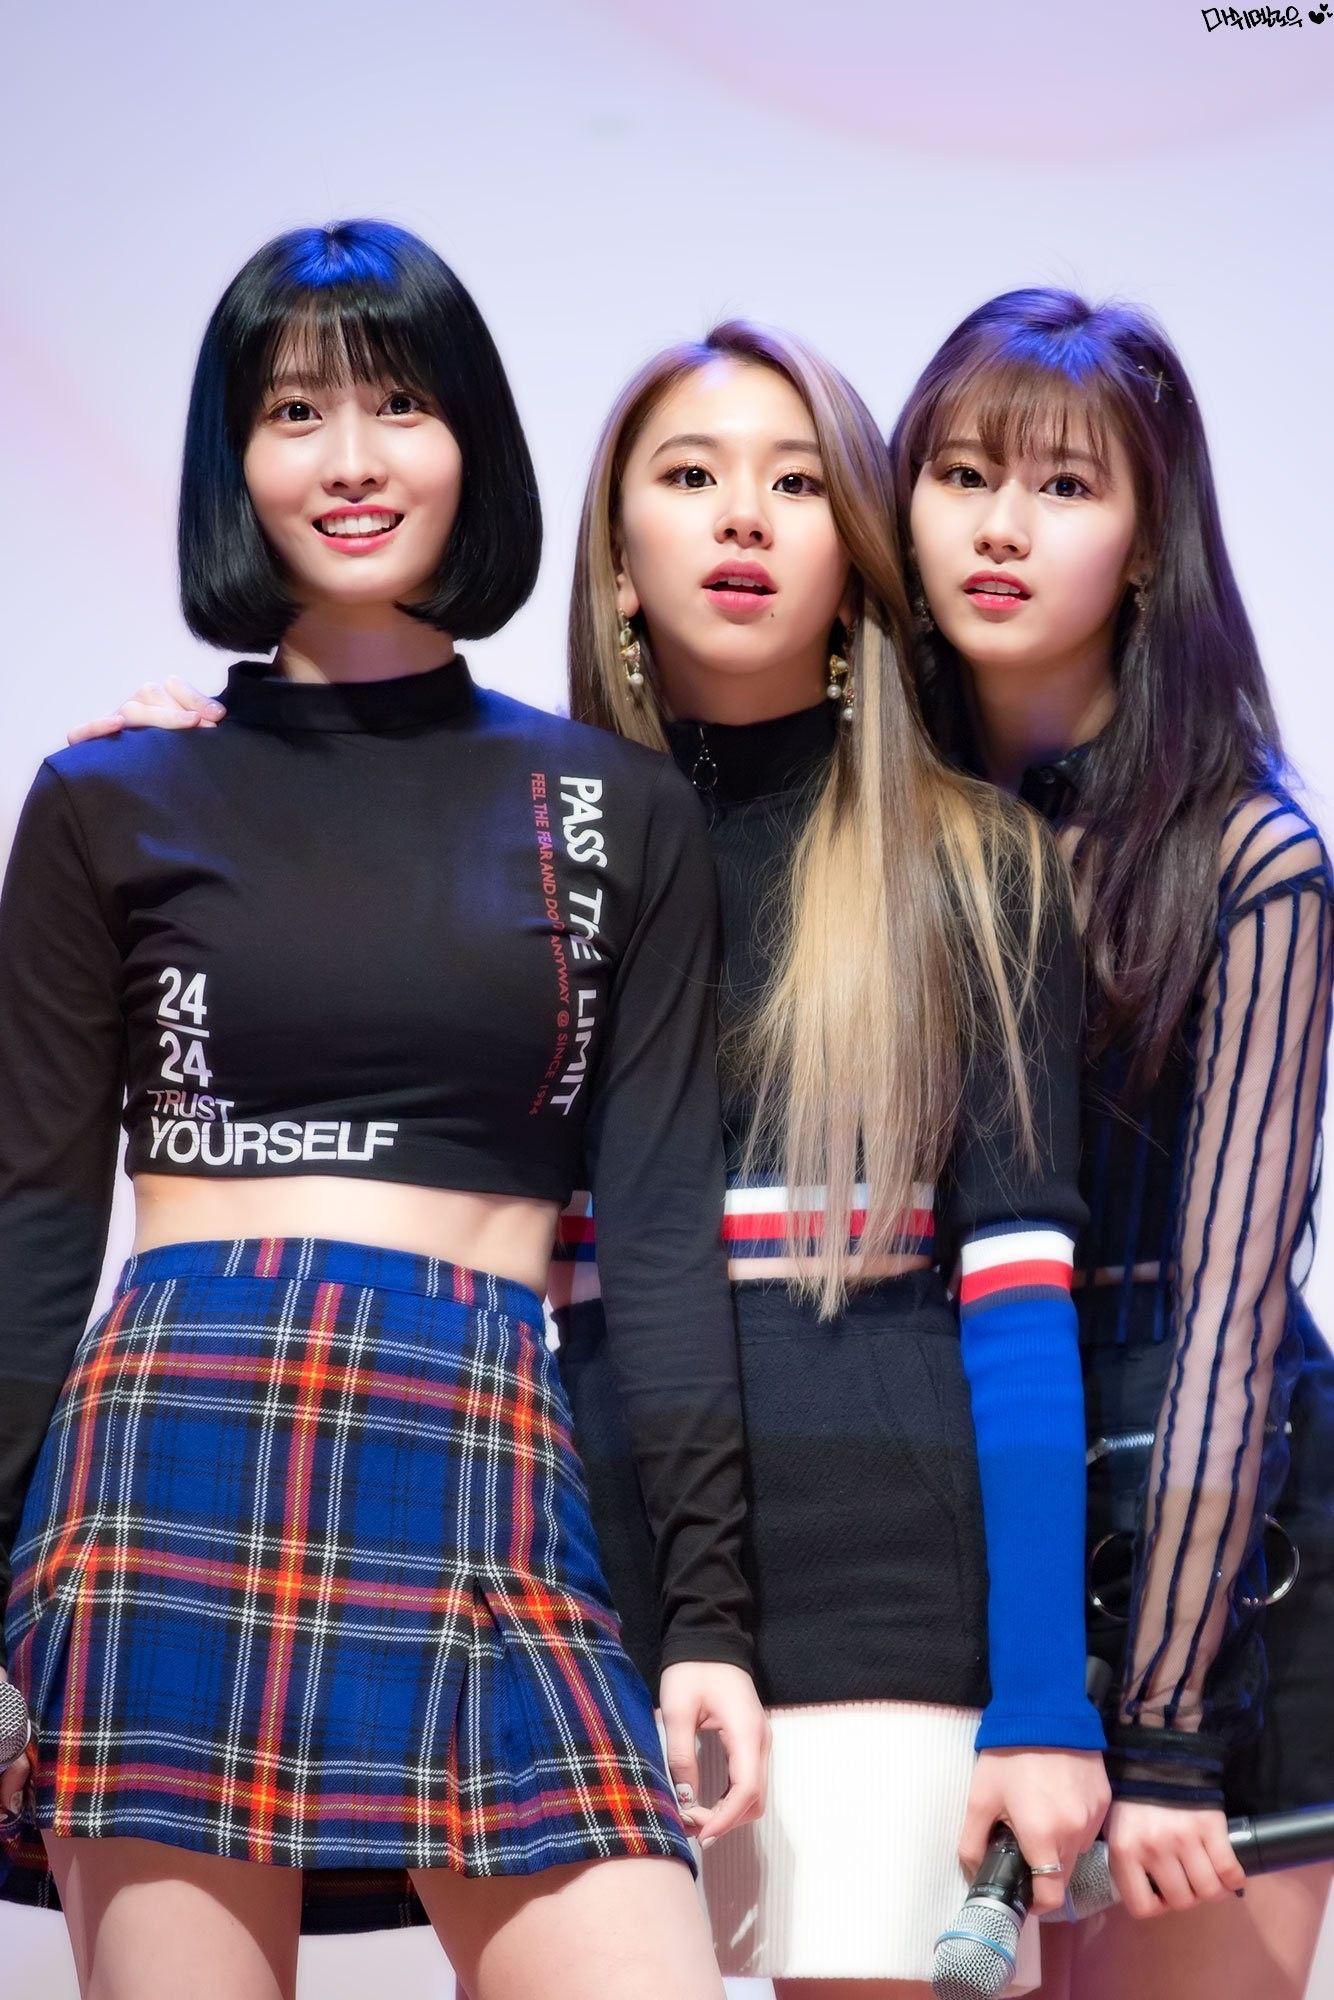 Theo concept trong sáng, thế mà stylist của Twice cũng không ít lần cắt ngắn trang phục cho sexy - Ảnh 1.